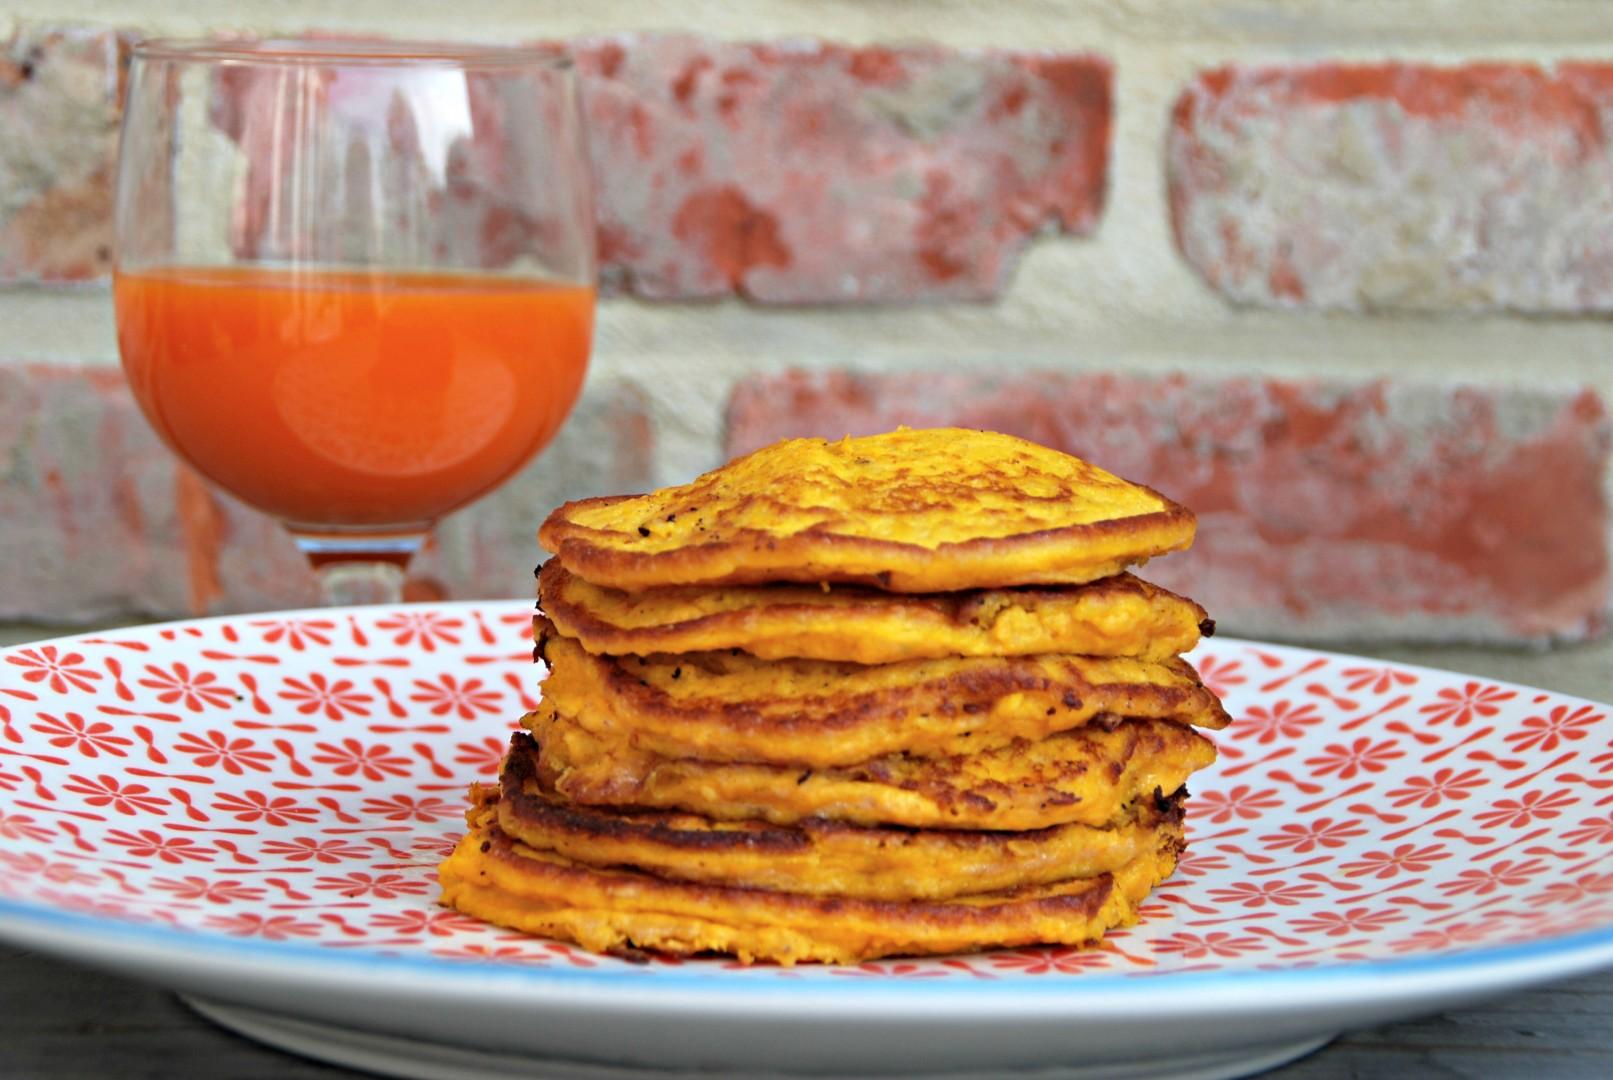 Hartige pancakes van wortel en ricotta - www.truitjeroermeniet.be